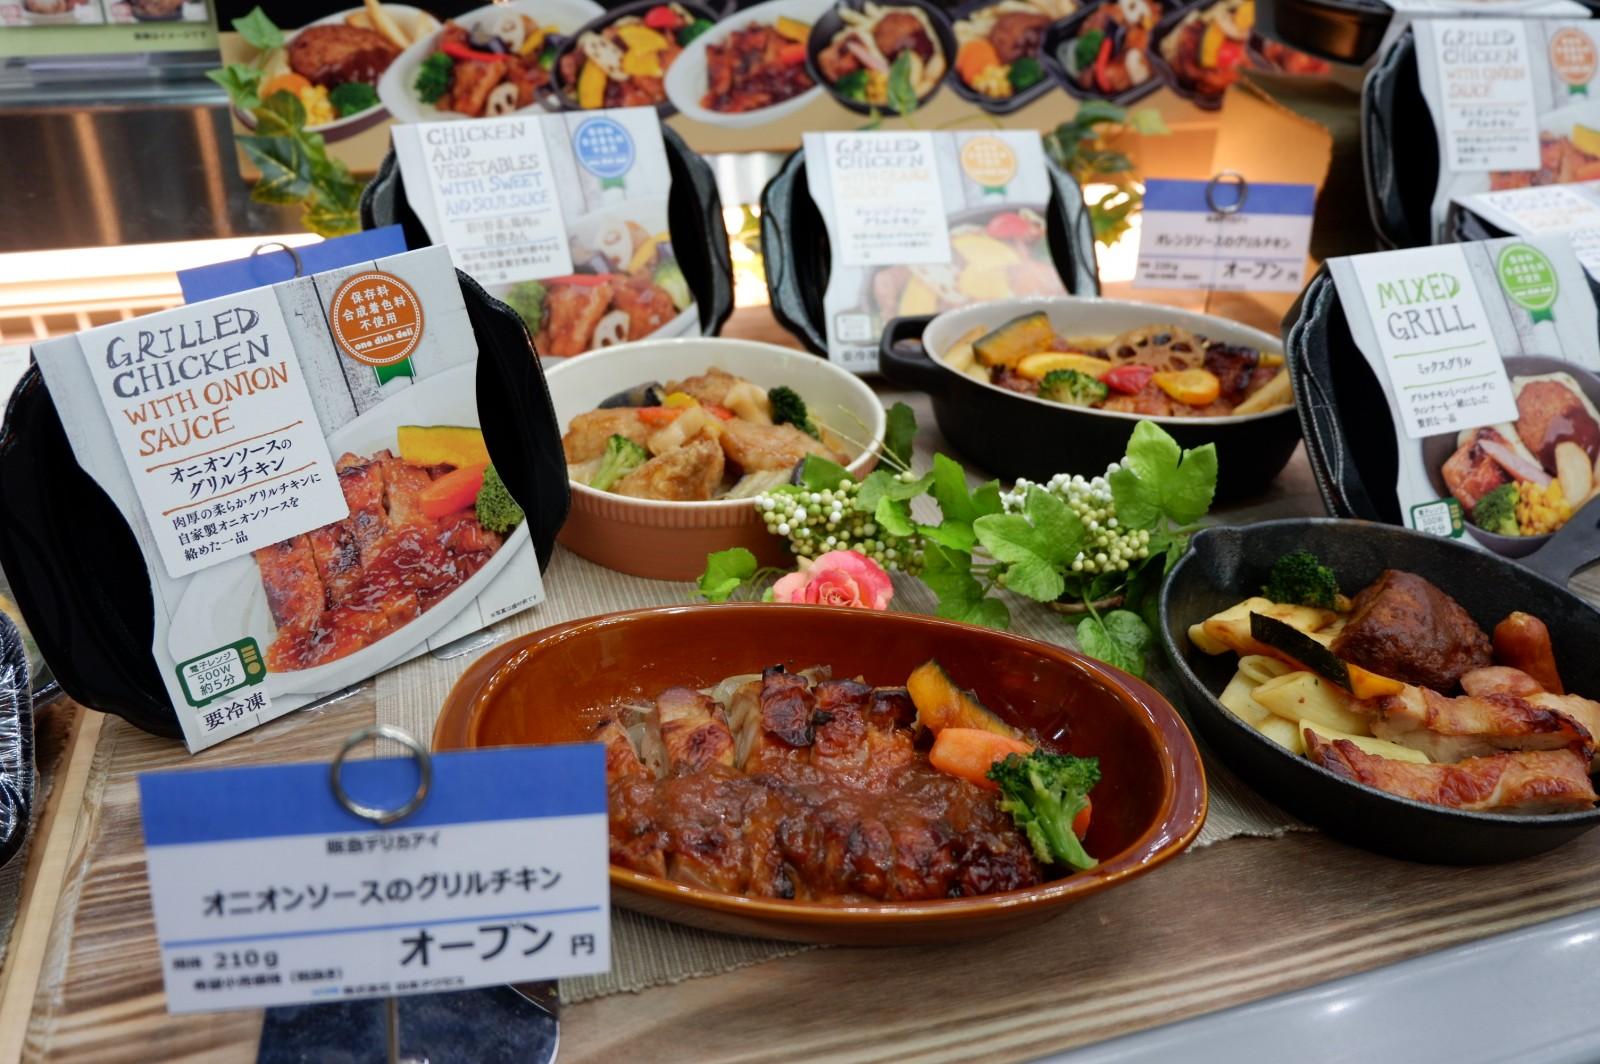 主菜と副菜がセット!生協で人気の阪急デリカアイ『ワンディッシュ・デリ』、糖質ひかえめ新シリーズも